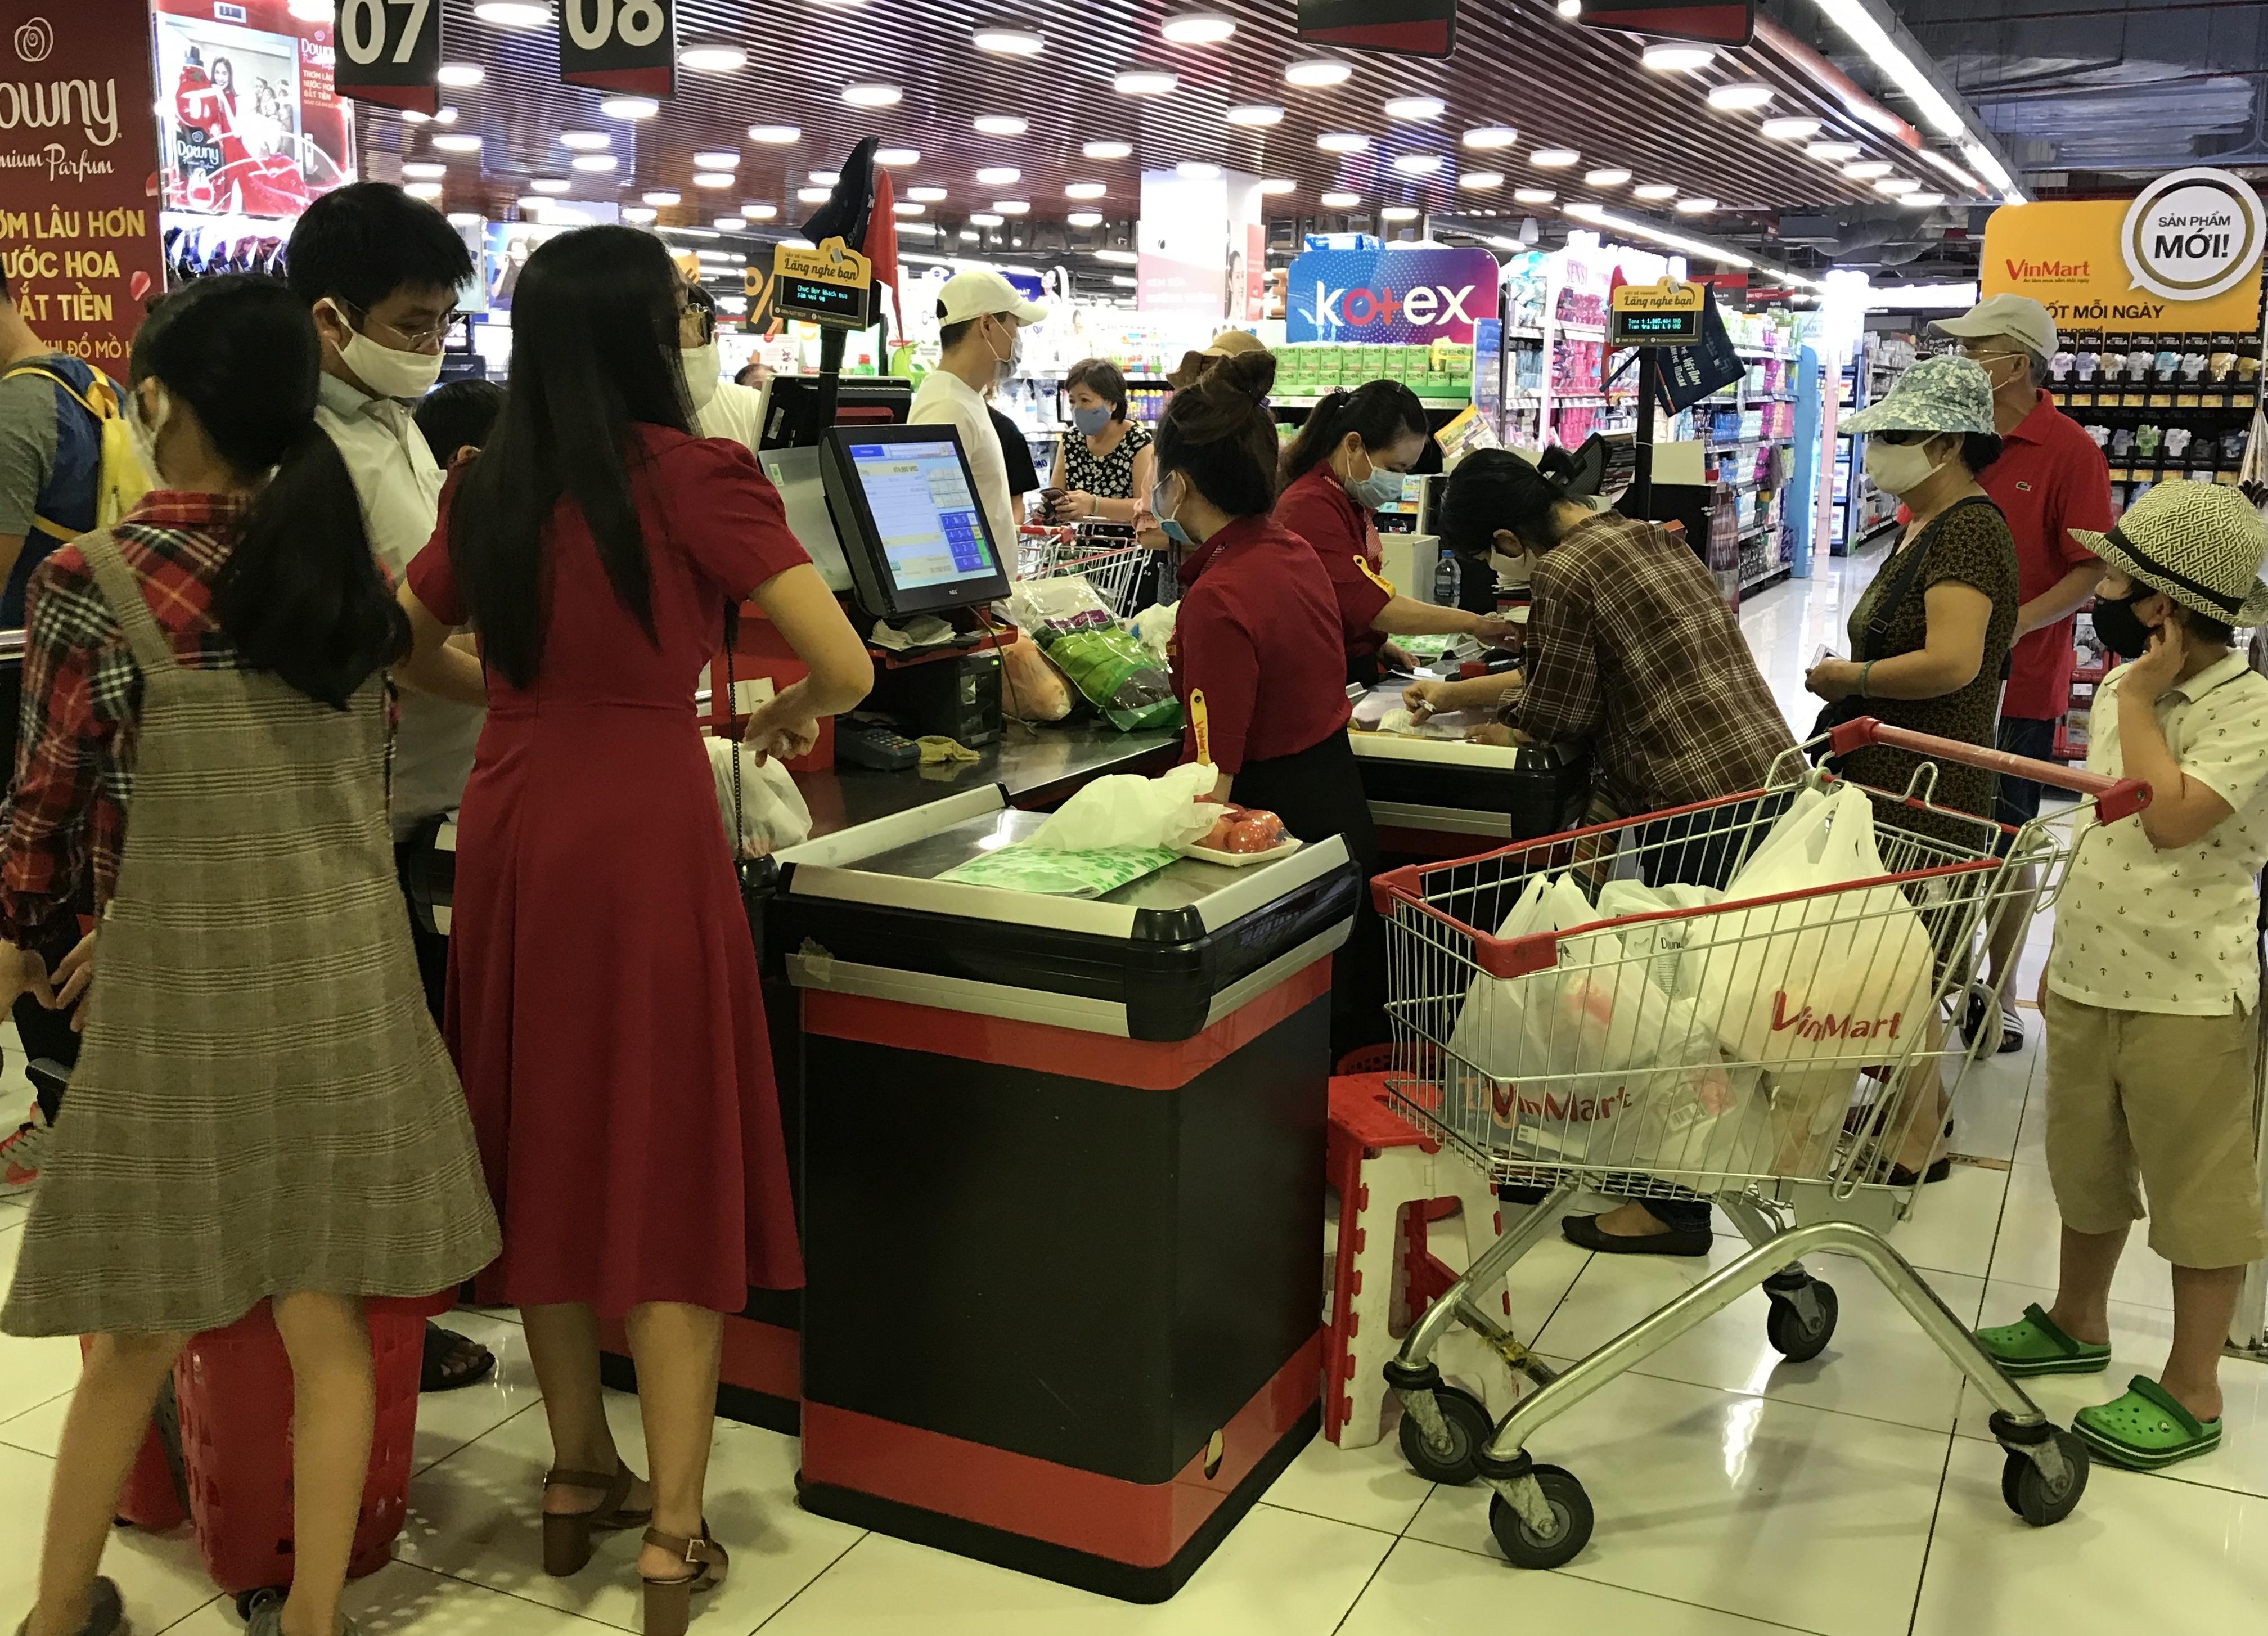 Siêu thị đông đúc cuối tuần, người Sài Gòn mua thịt heo, hải sản giảm giá đến 20.000-60.000 đồng/kg ăn lễ - Ảnh 15.